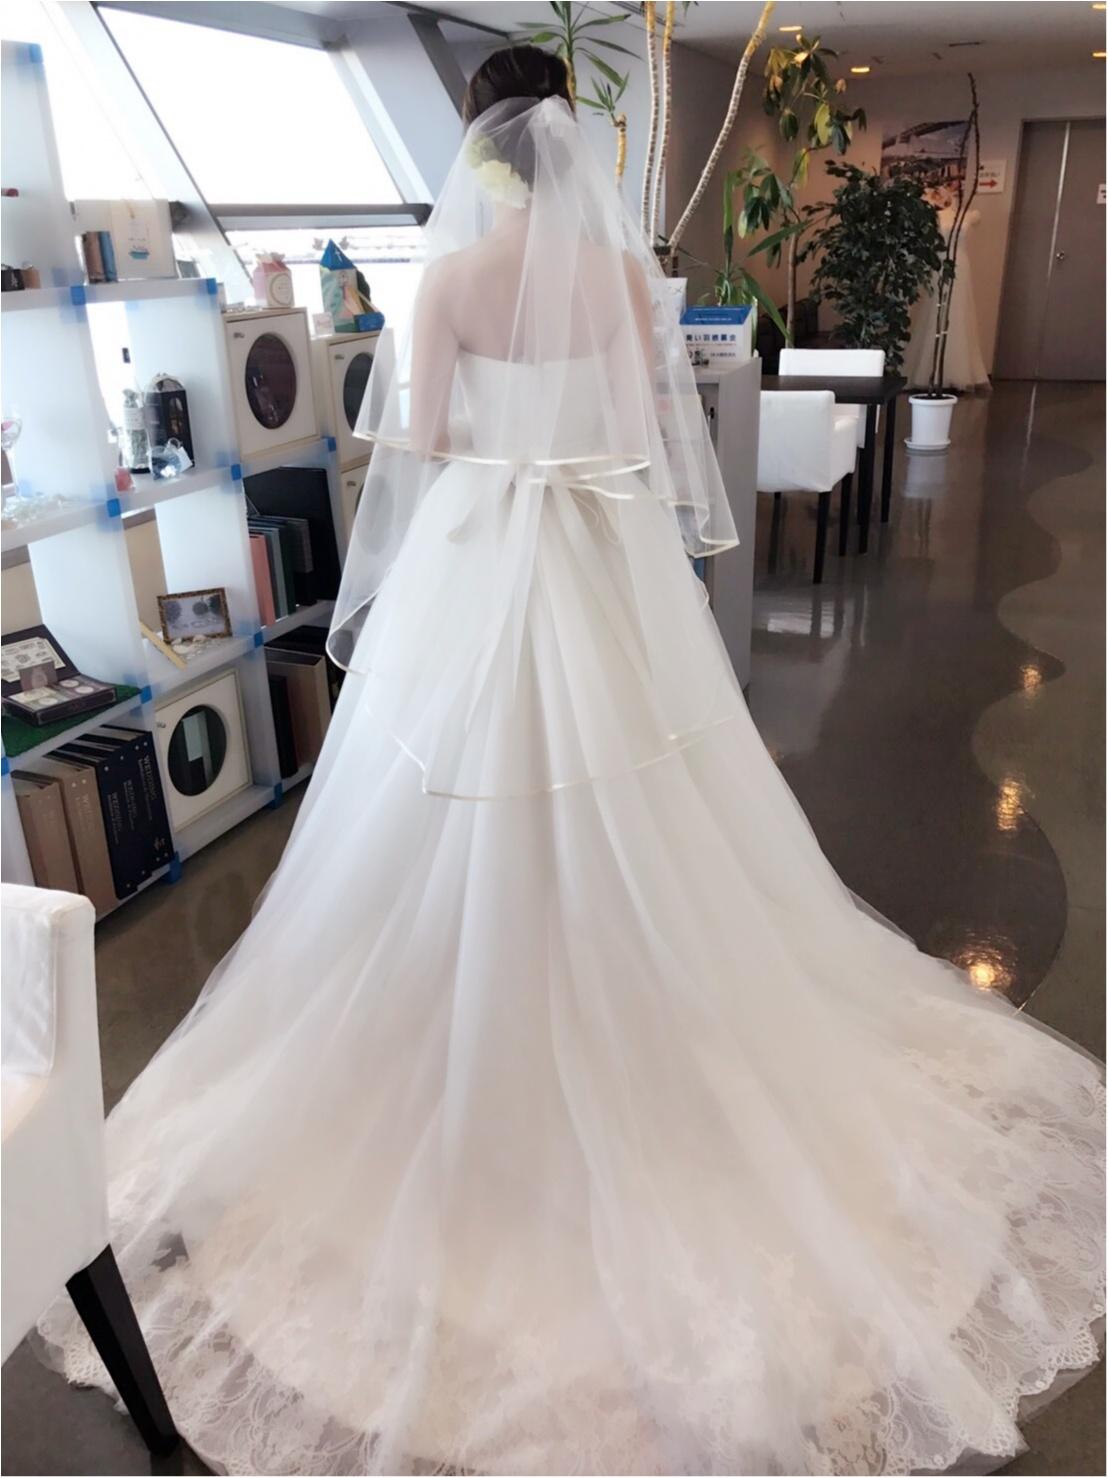 船上ウェディングで人とは違う結婚式をしてみませんか⁇憧れのロイヤルウイングでブライダルフェアに参加してきました(*'ω'*)〜ドレス・会場編〜_2